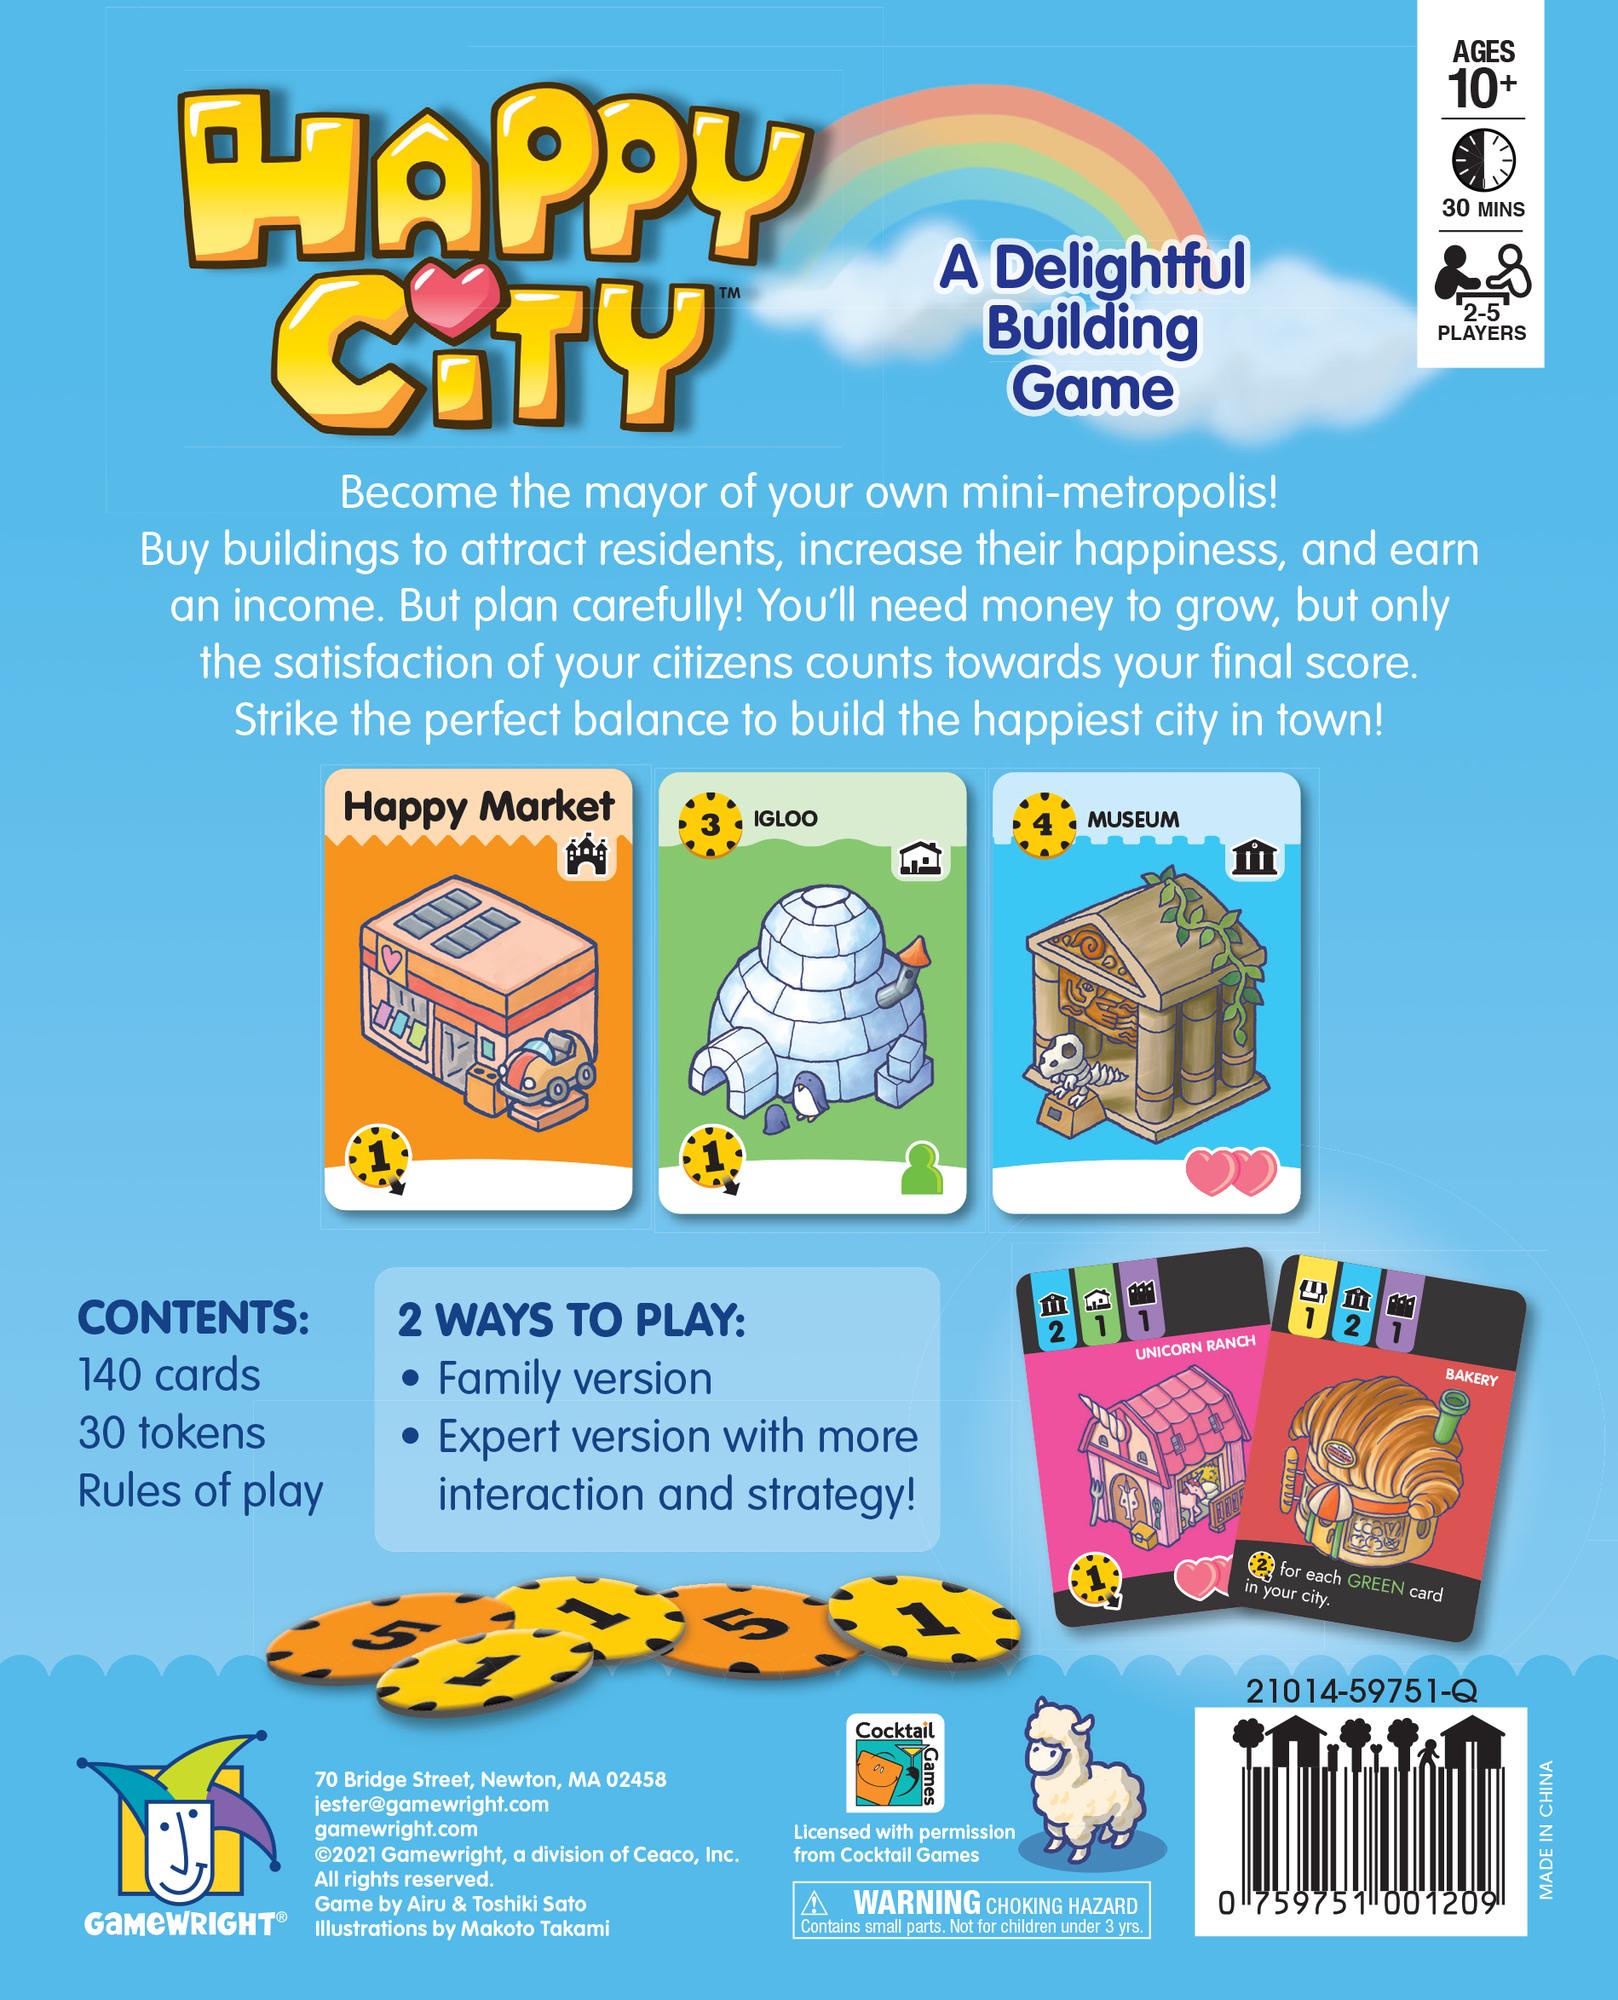 Happy Citytrade